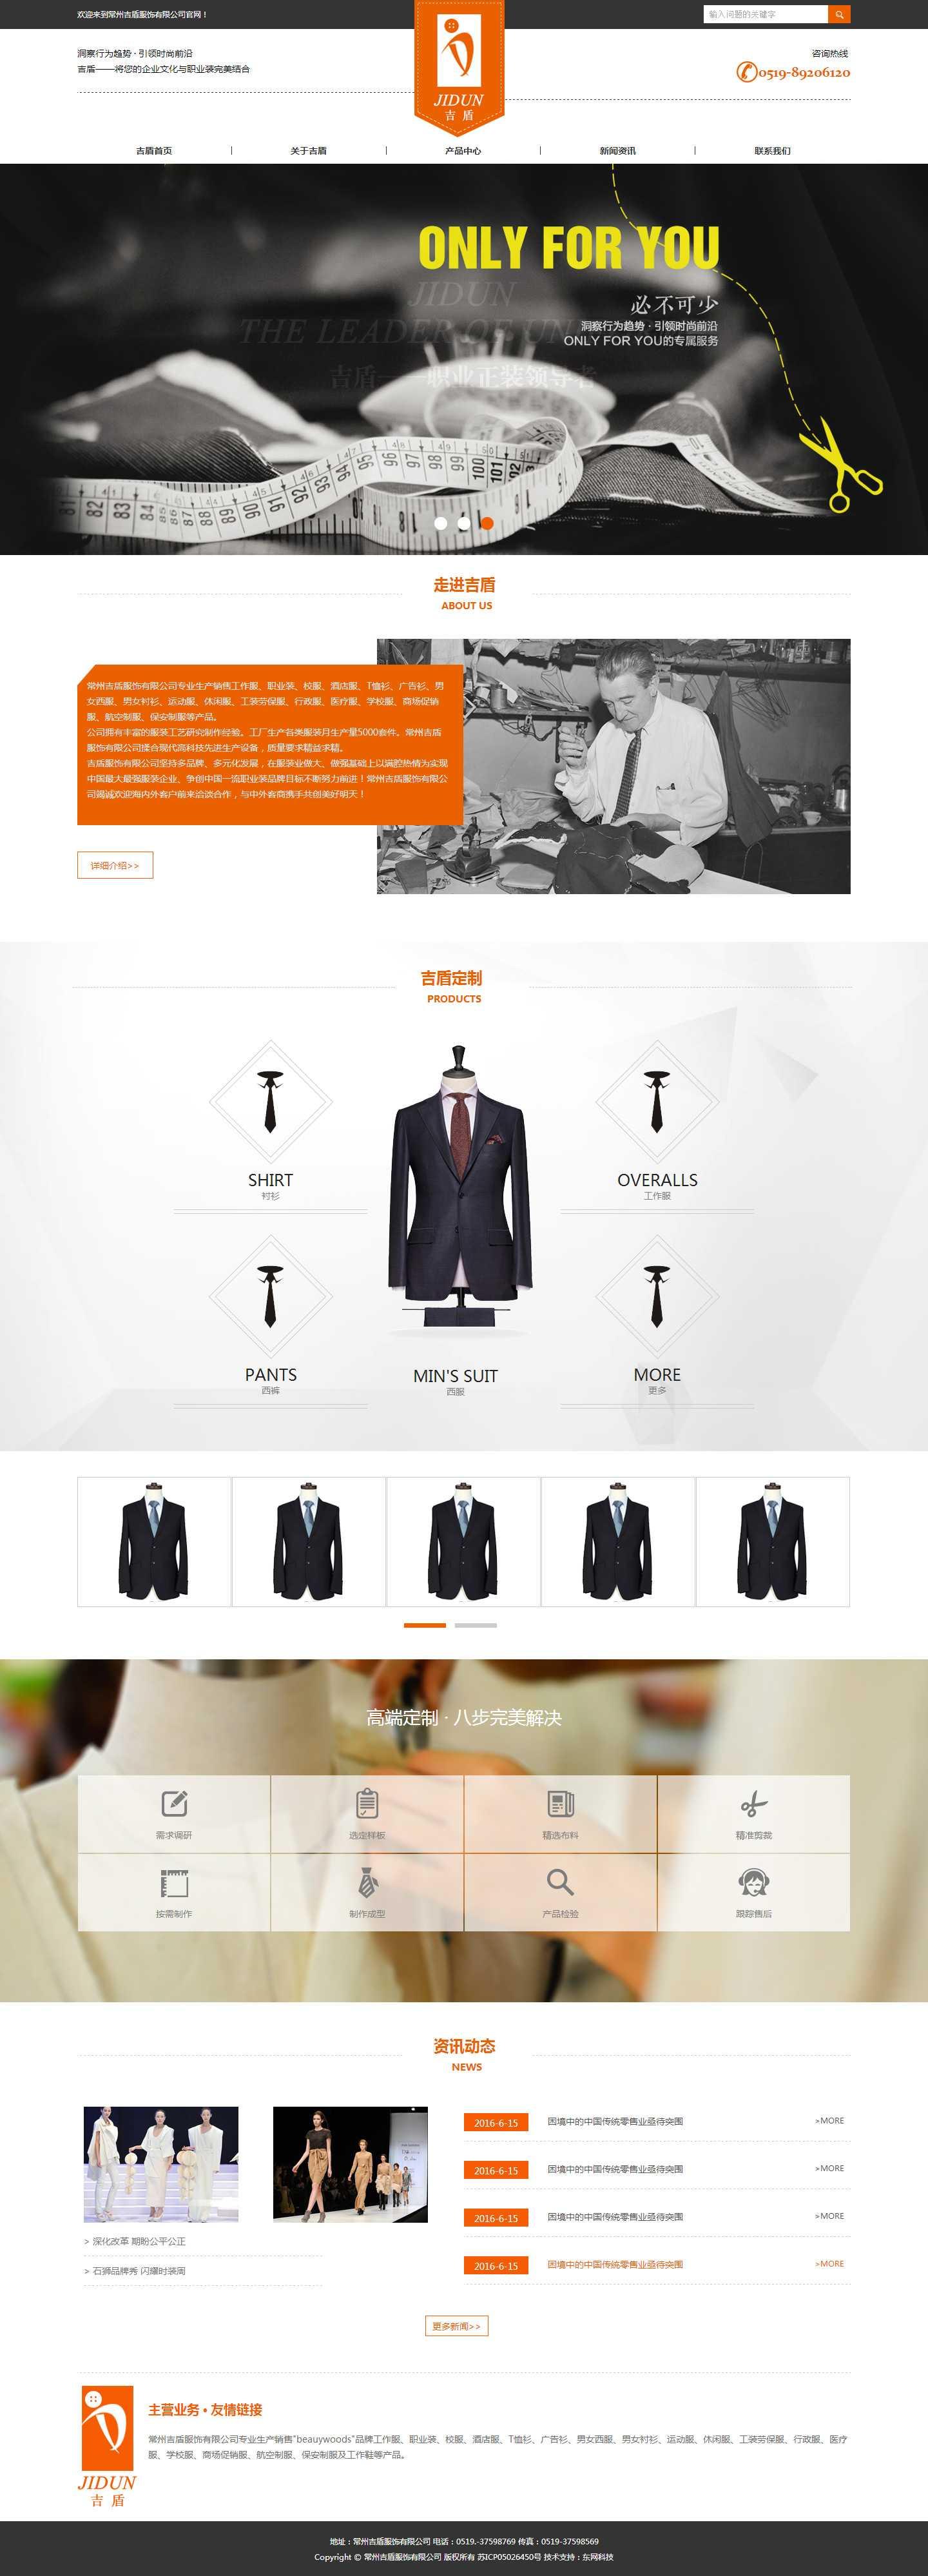 黑色大气的定制服装企业网站模板html源码